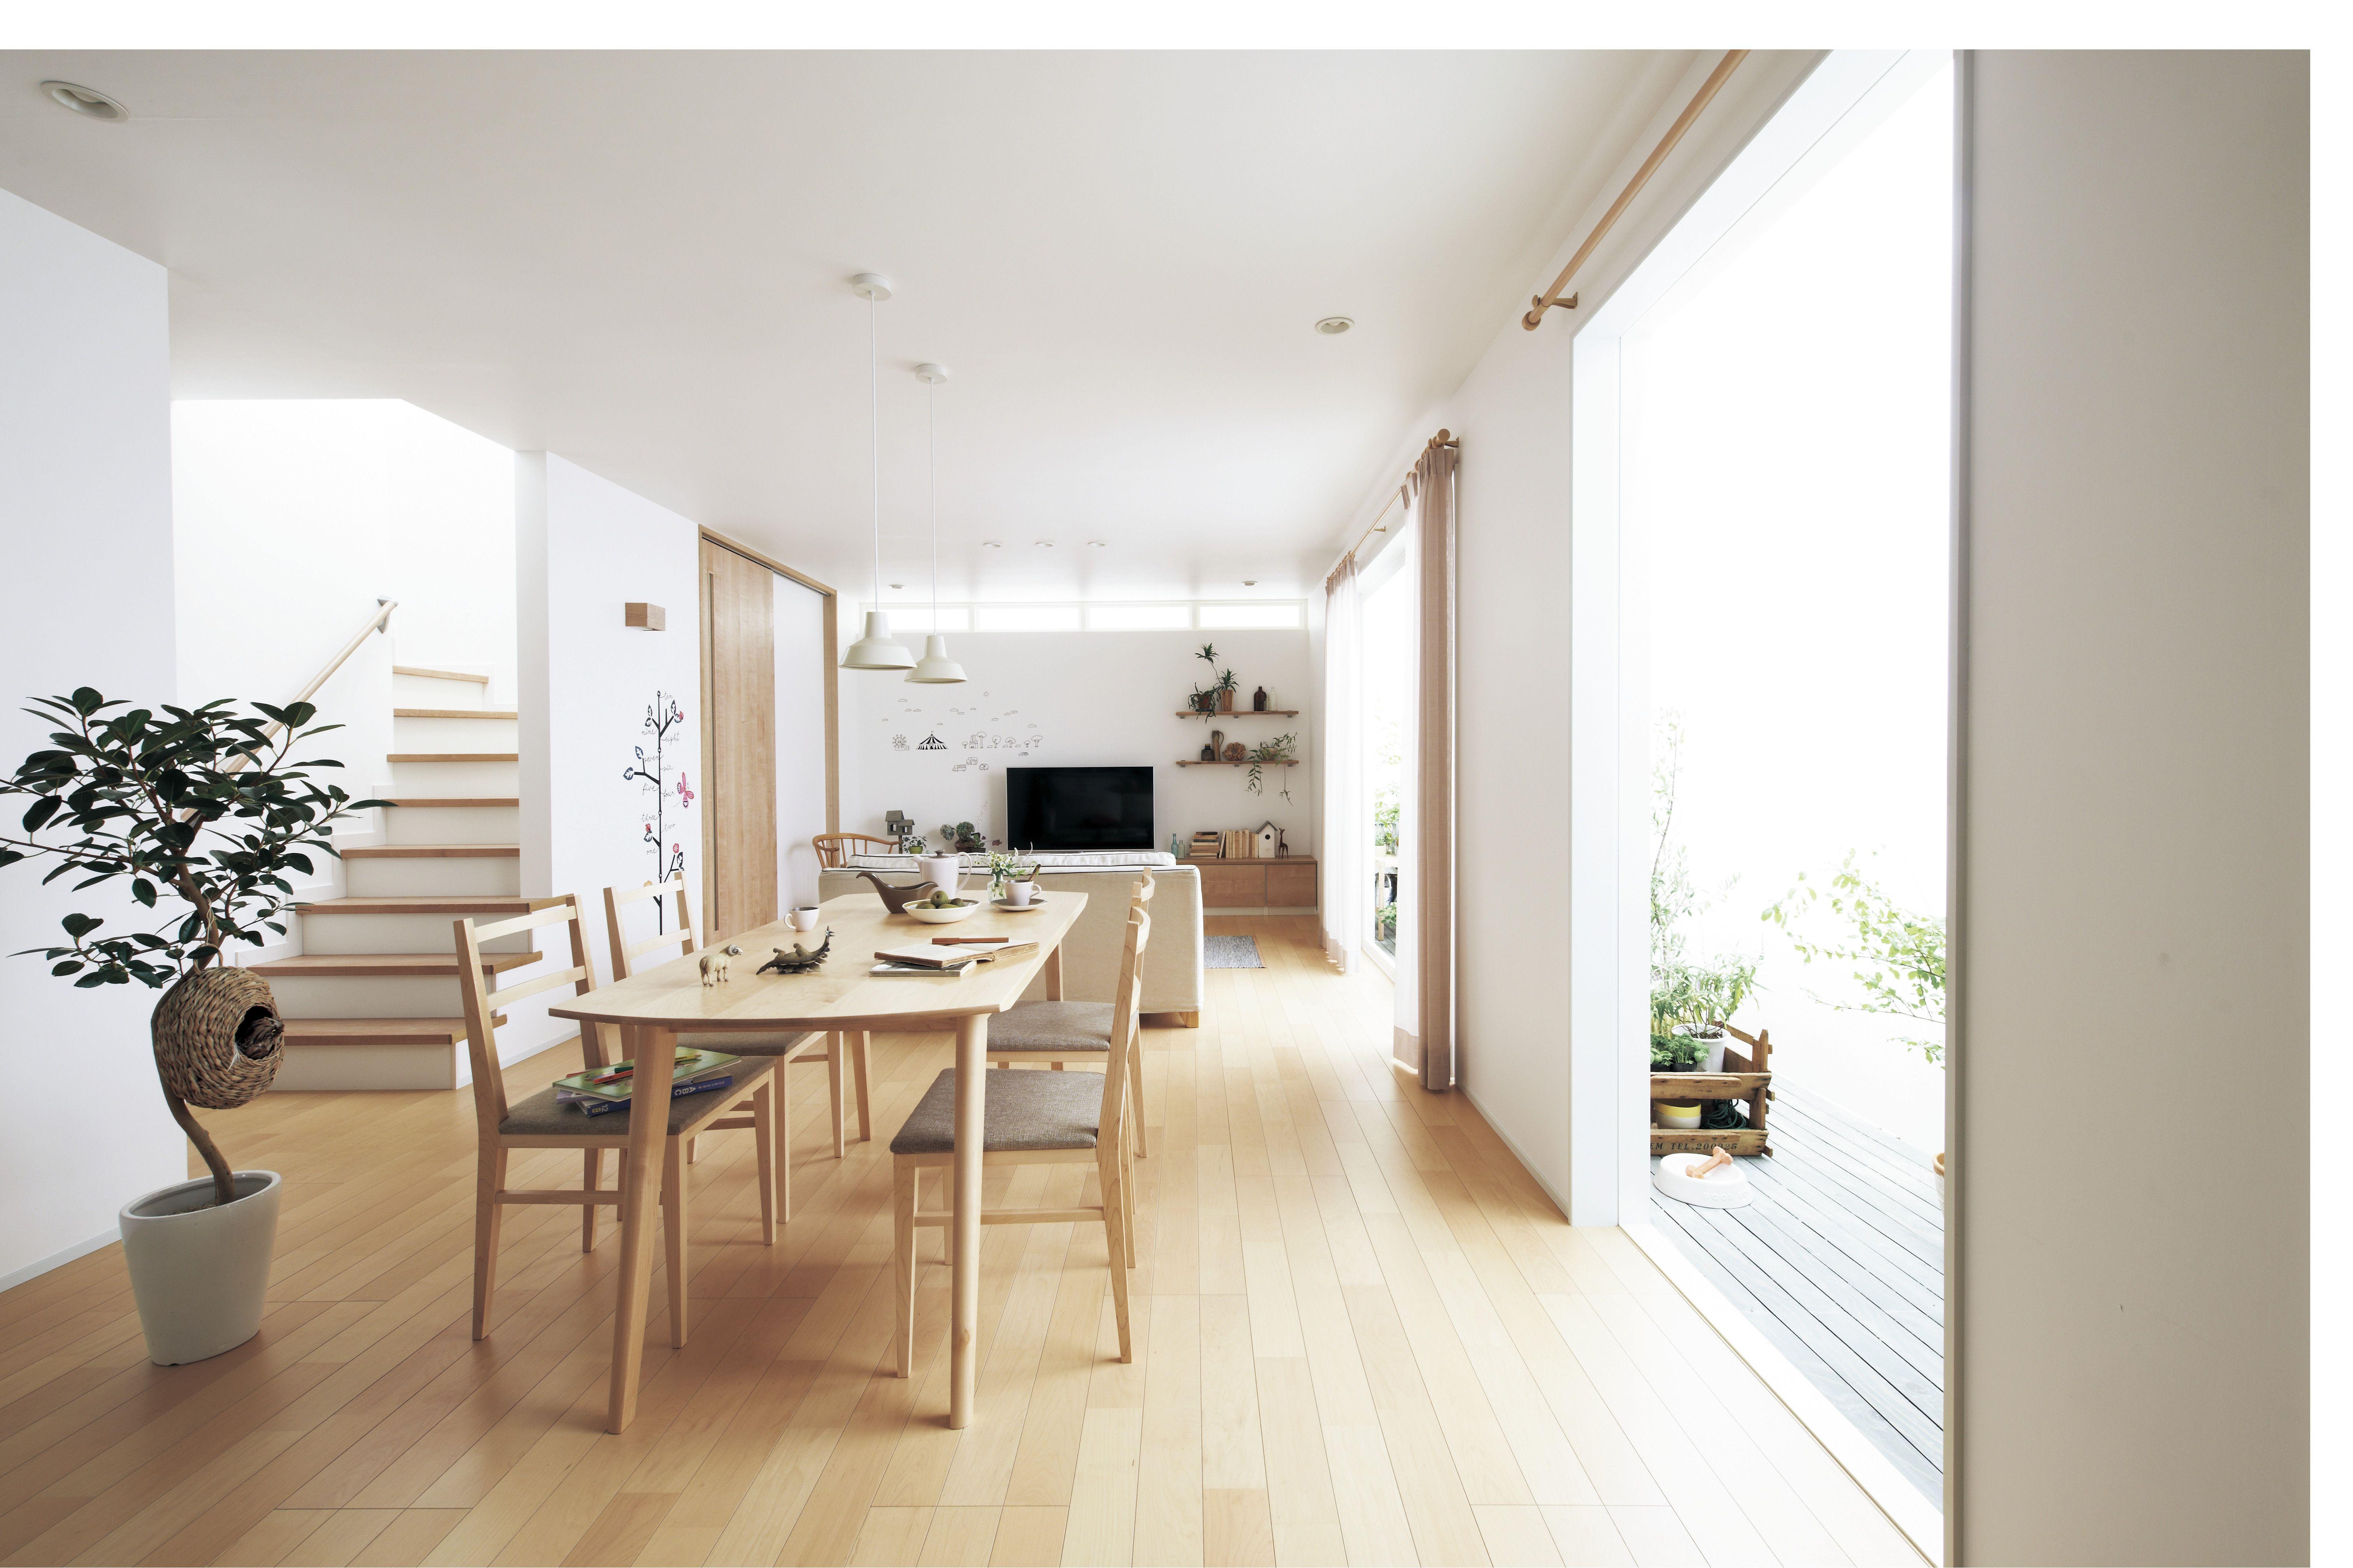 「木を超える美しさと機能性」を目指した内装建材 新シリーズ「VERITIS(ベリティス)」発売